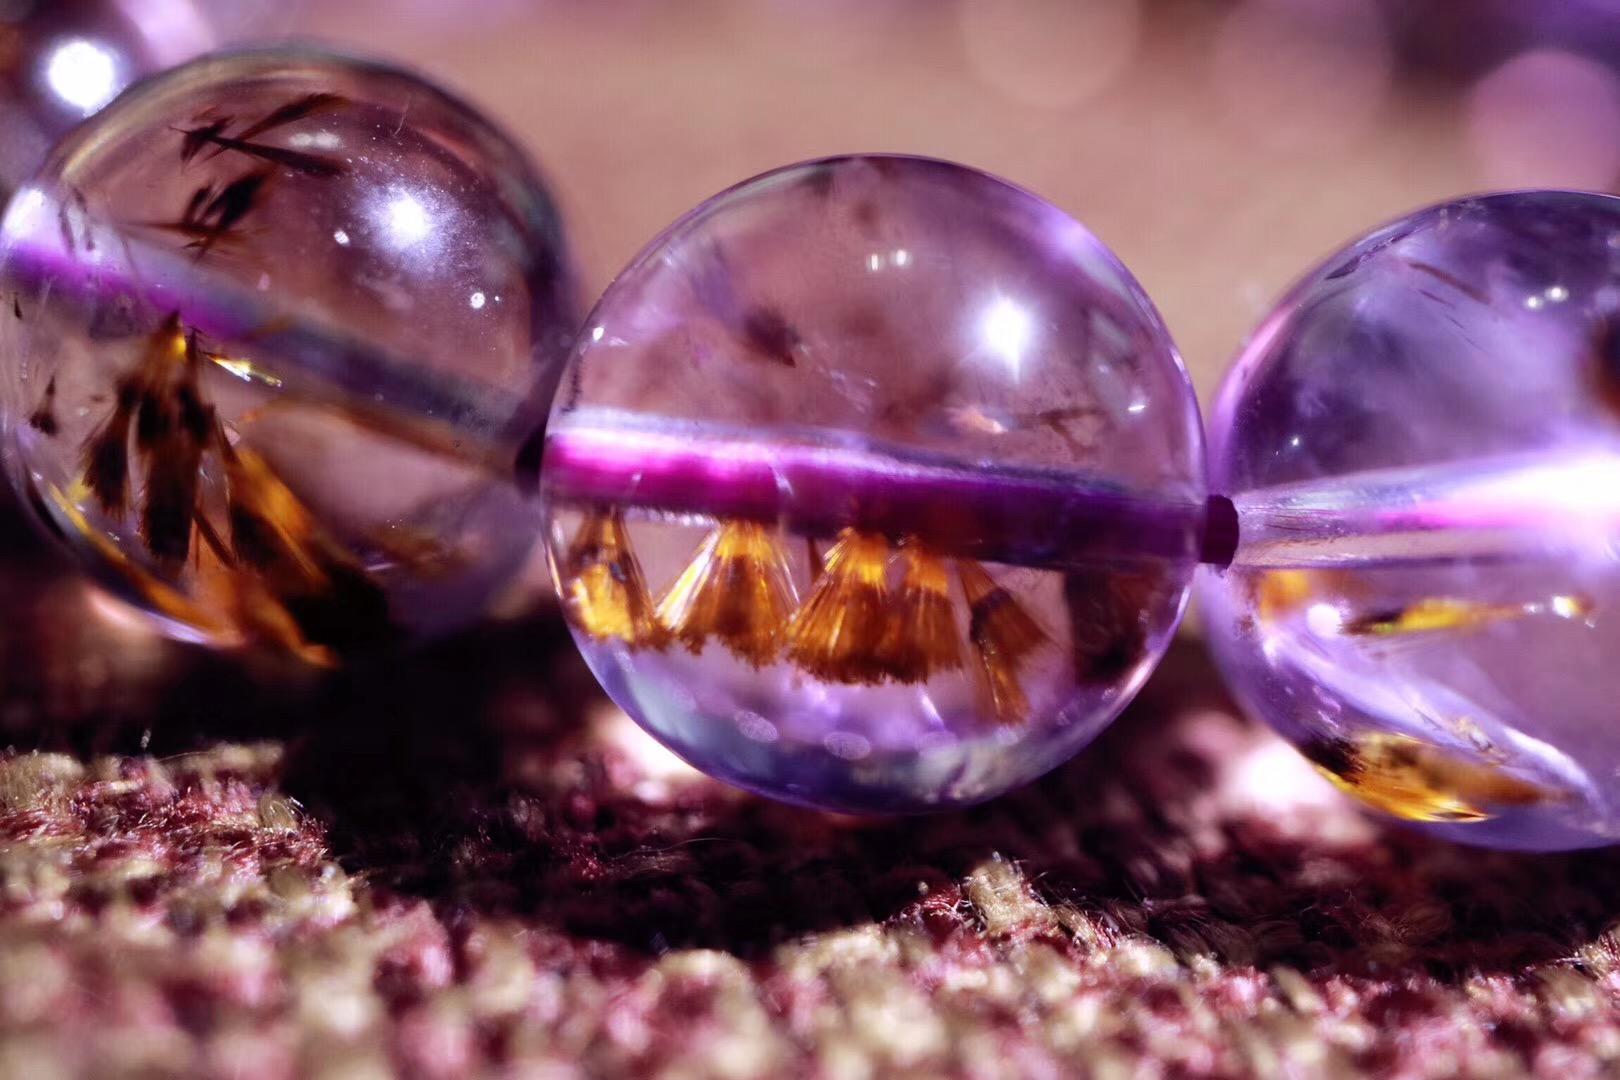 【菩心 | 紫钛晶】紫钛晶,兼顾了紫水晶的紫气东来和钛晶的招财-菩心晶舍